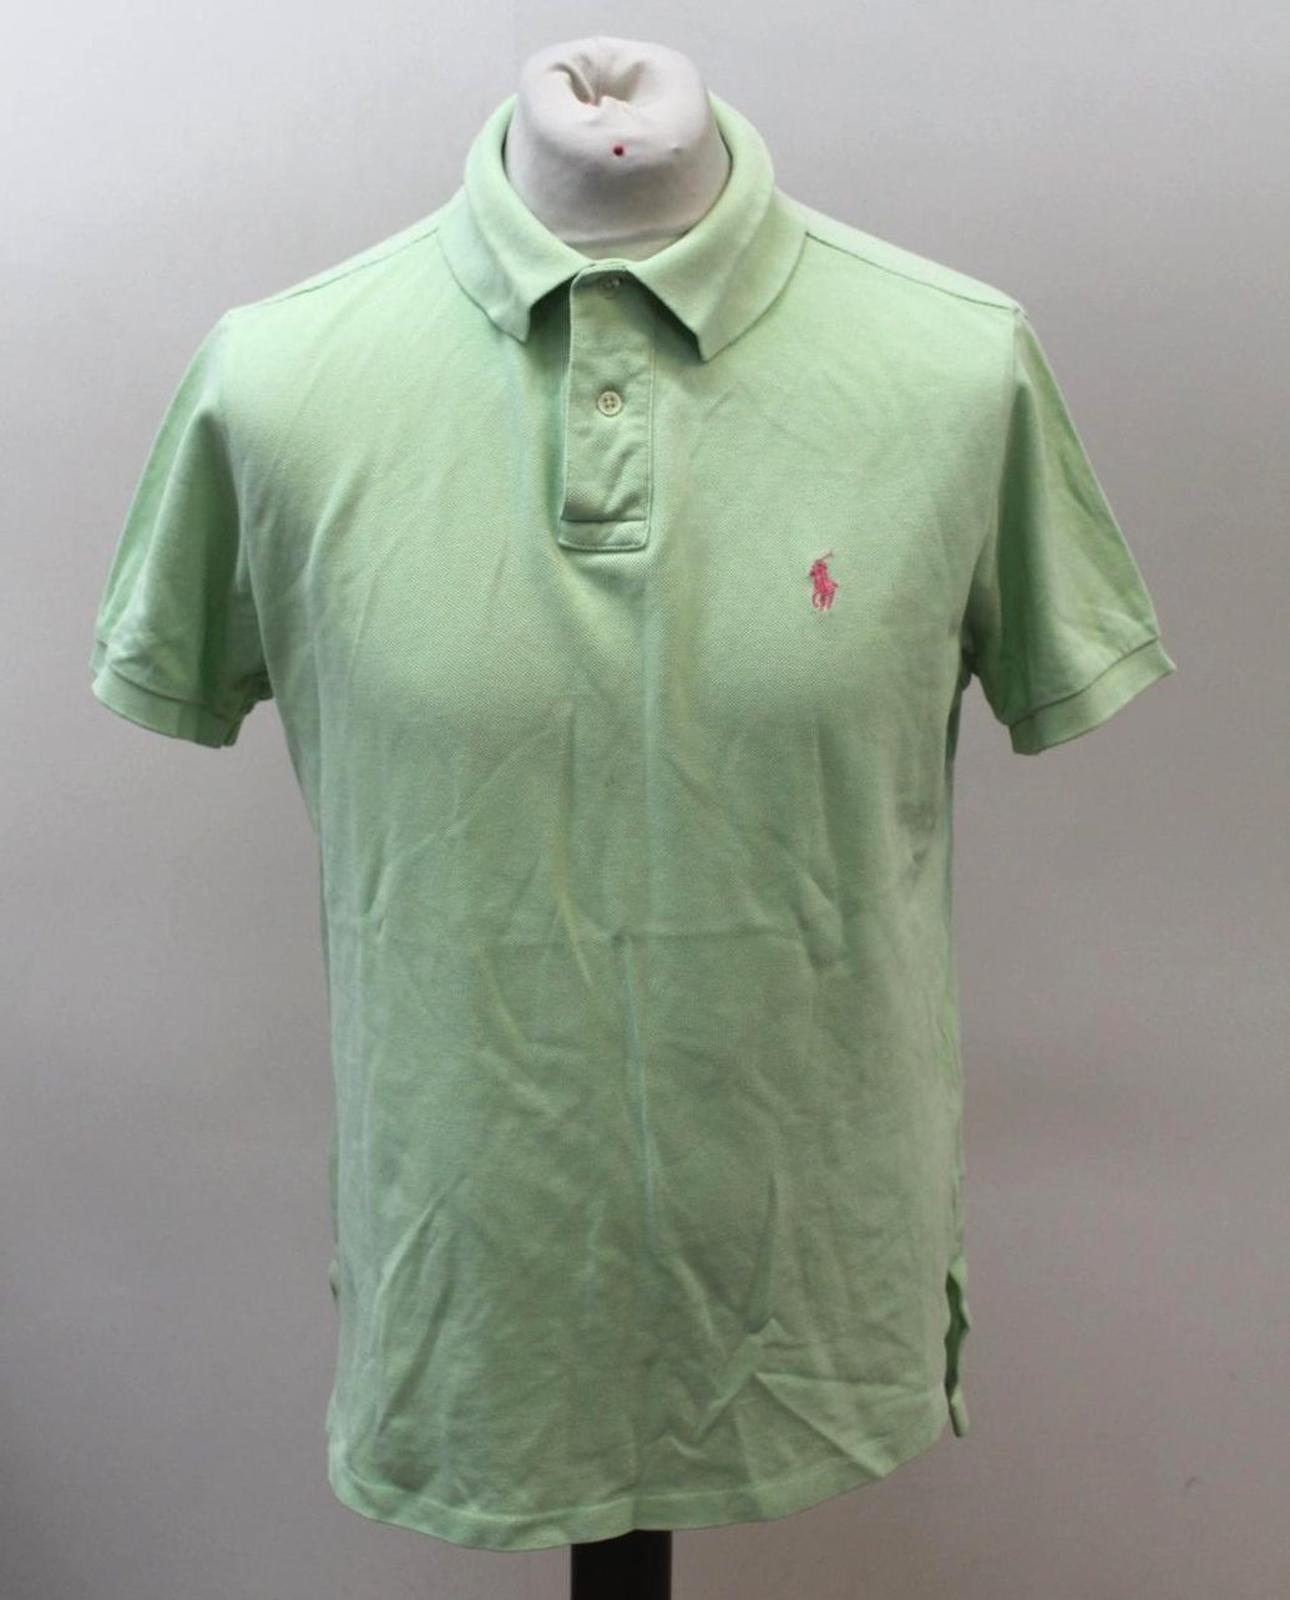 Polo-by-Ralph-Lauren-Hombre-Verde-De-Algodon-Manga-Corta-Con-Cuello-Camisa-Polo-Talla-L miniatura 2